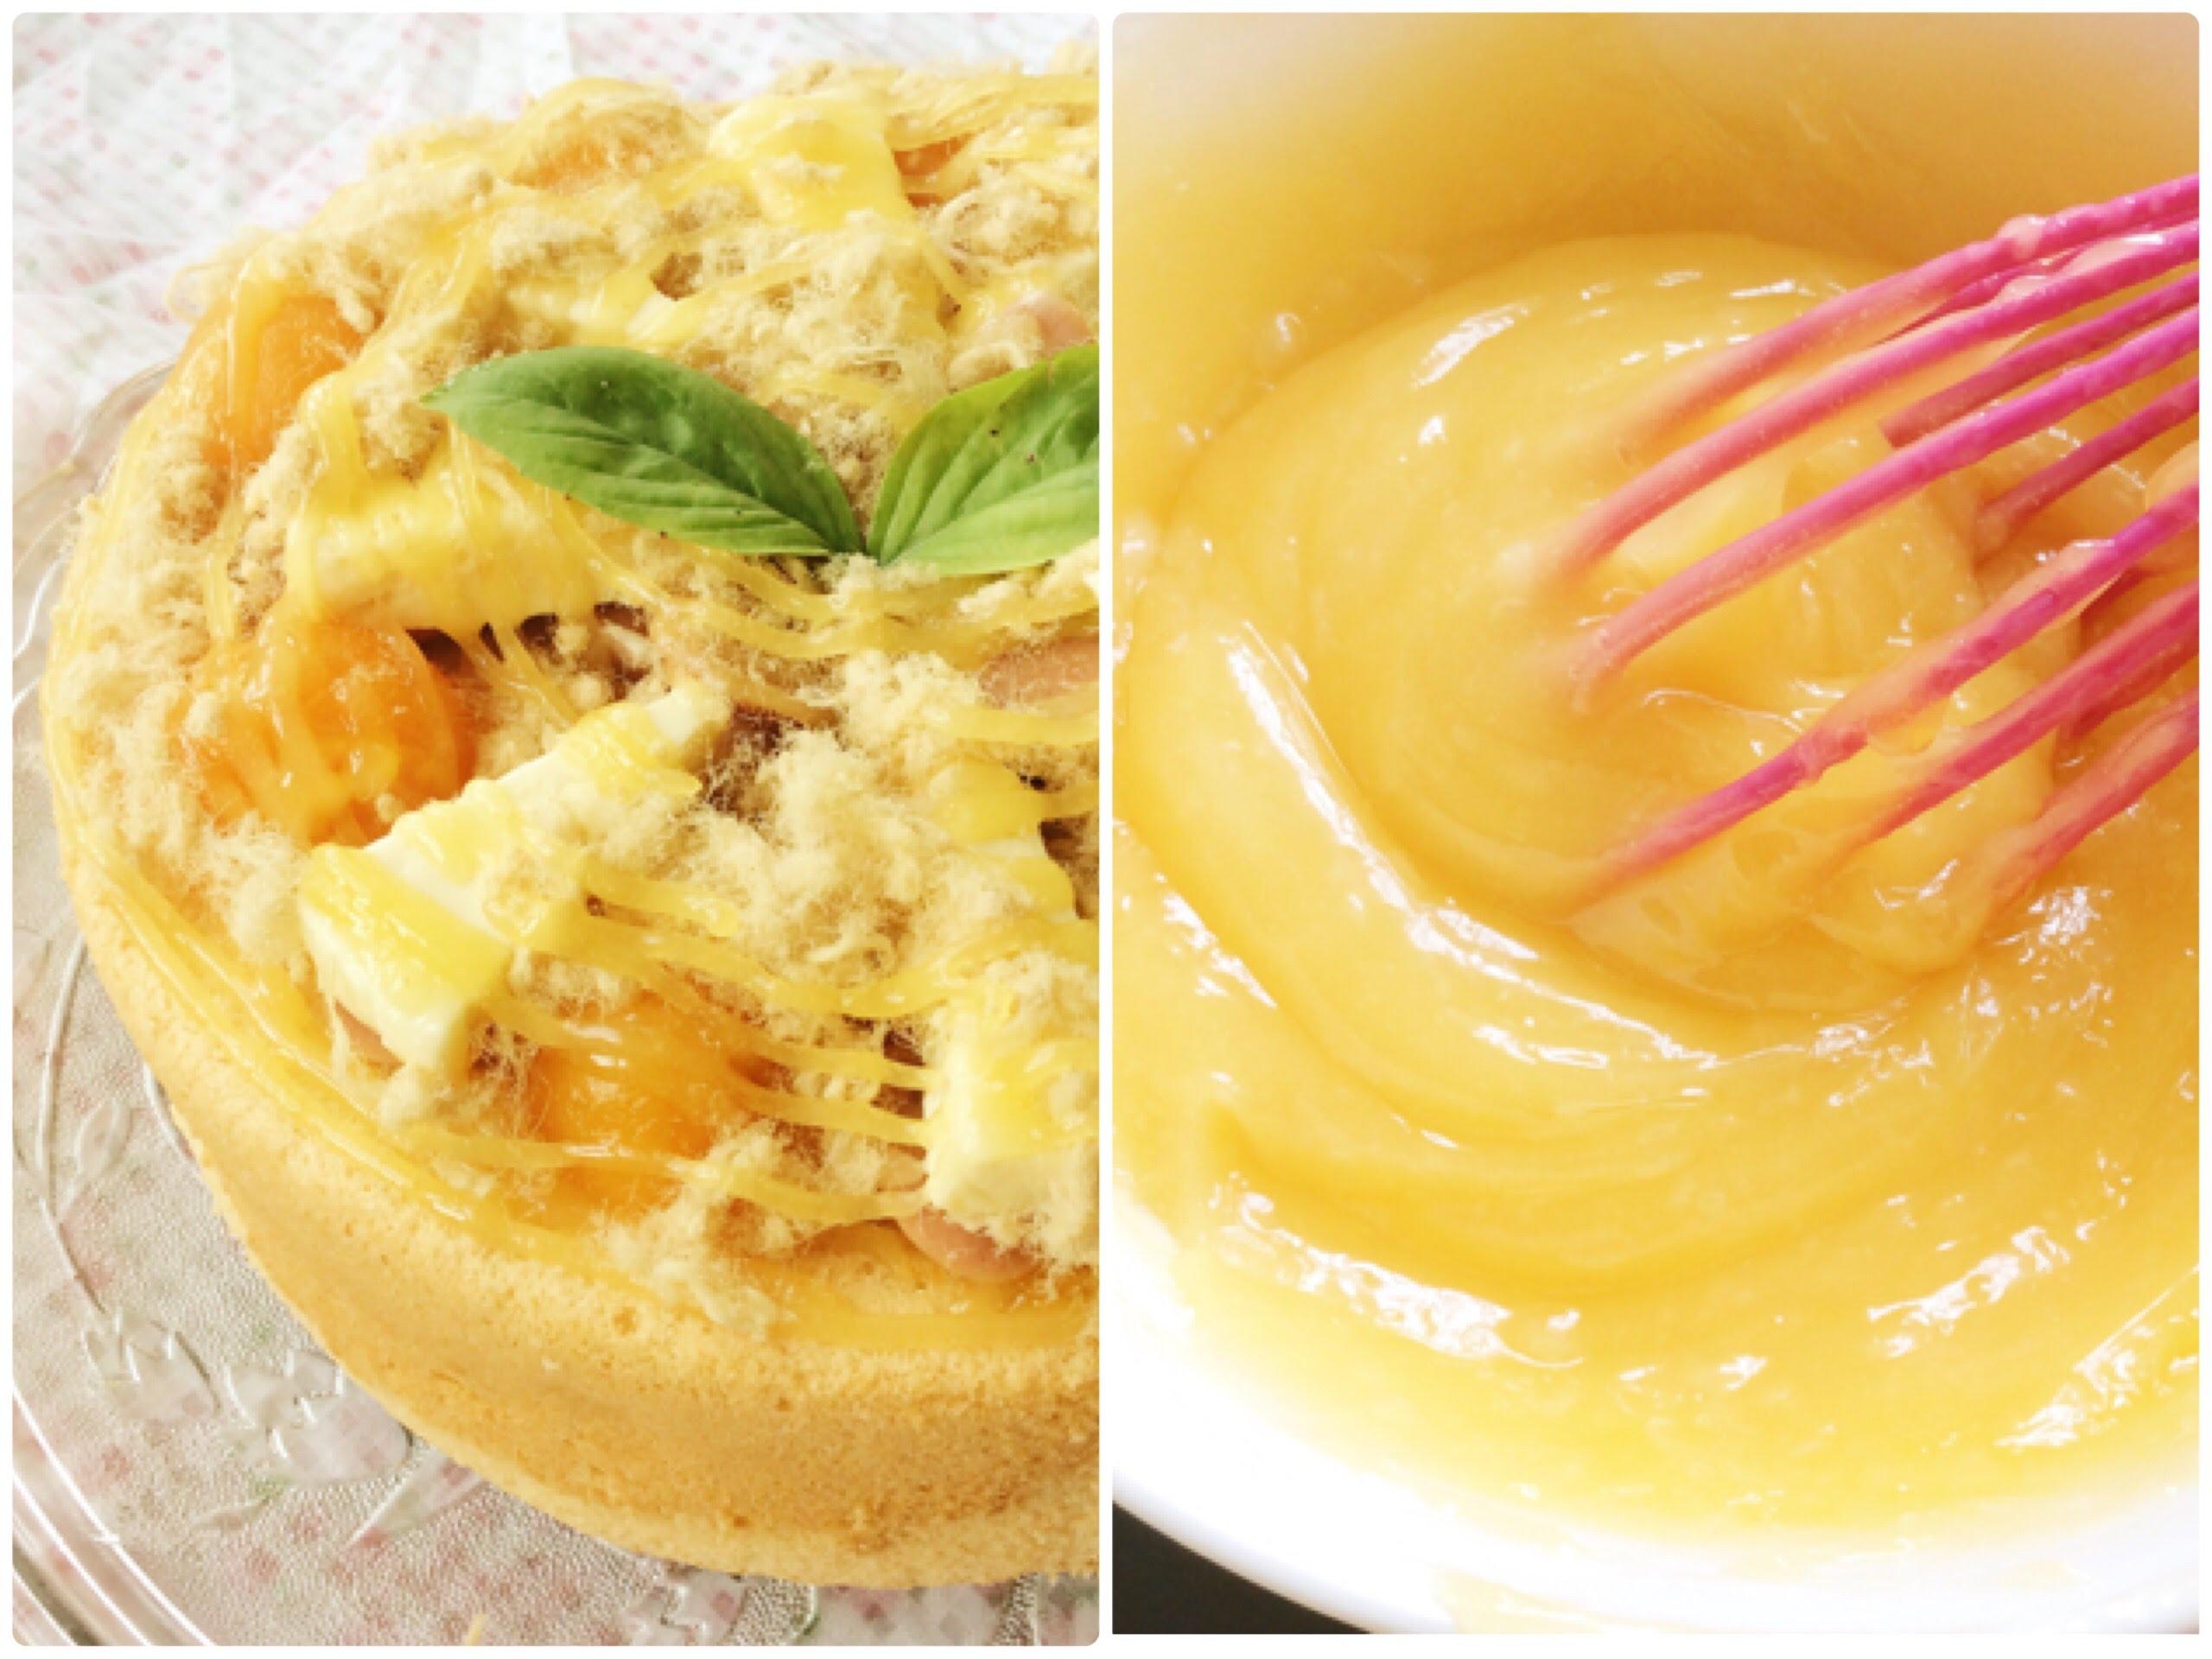 cách trang trí bánh bông lan 11 cách trang trí bánh bông lan Cách trang trí bánh bông lan cực ngon mà không cần đến kem tươi cach trang tri banh bong lan 11